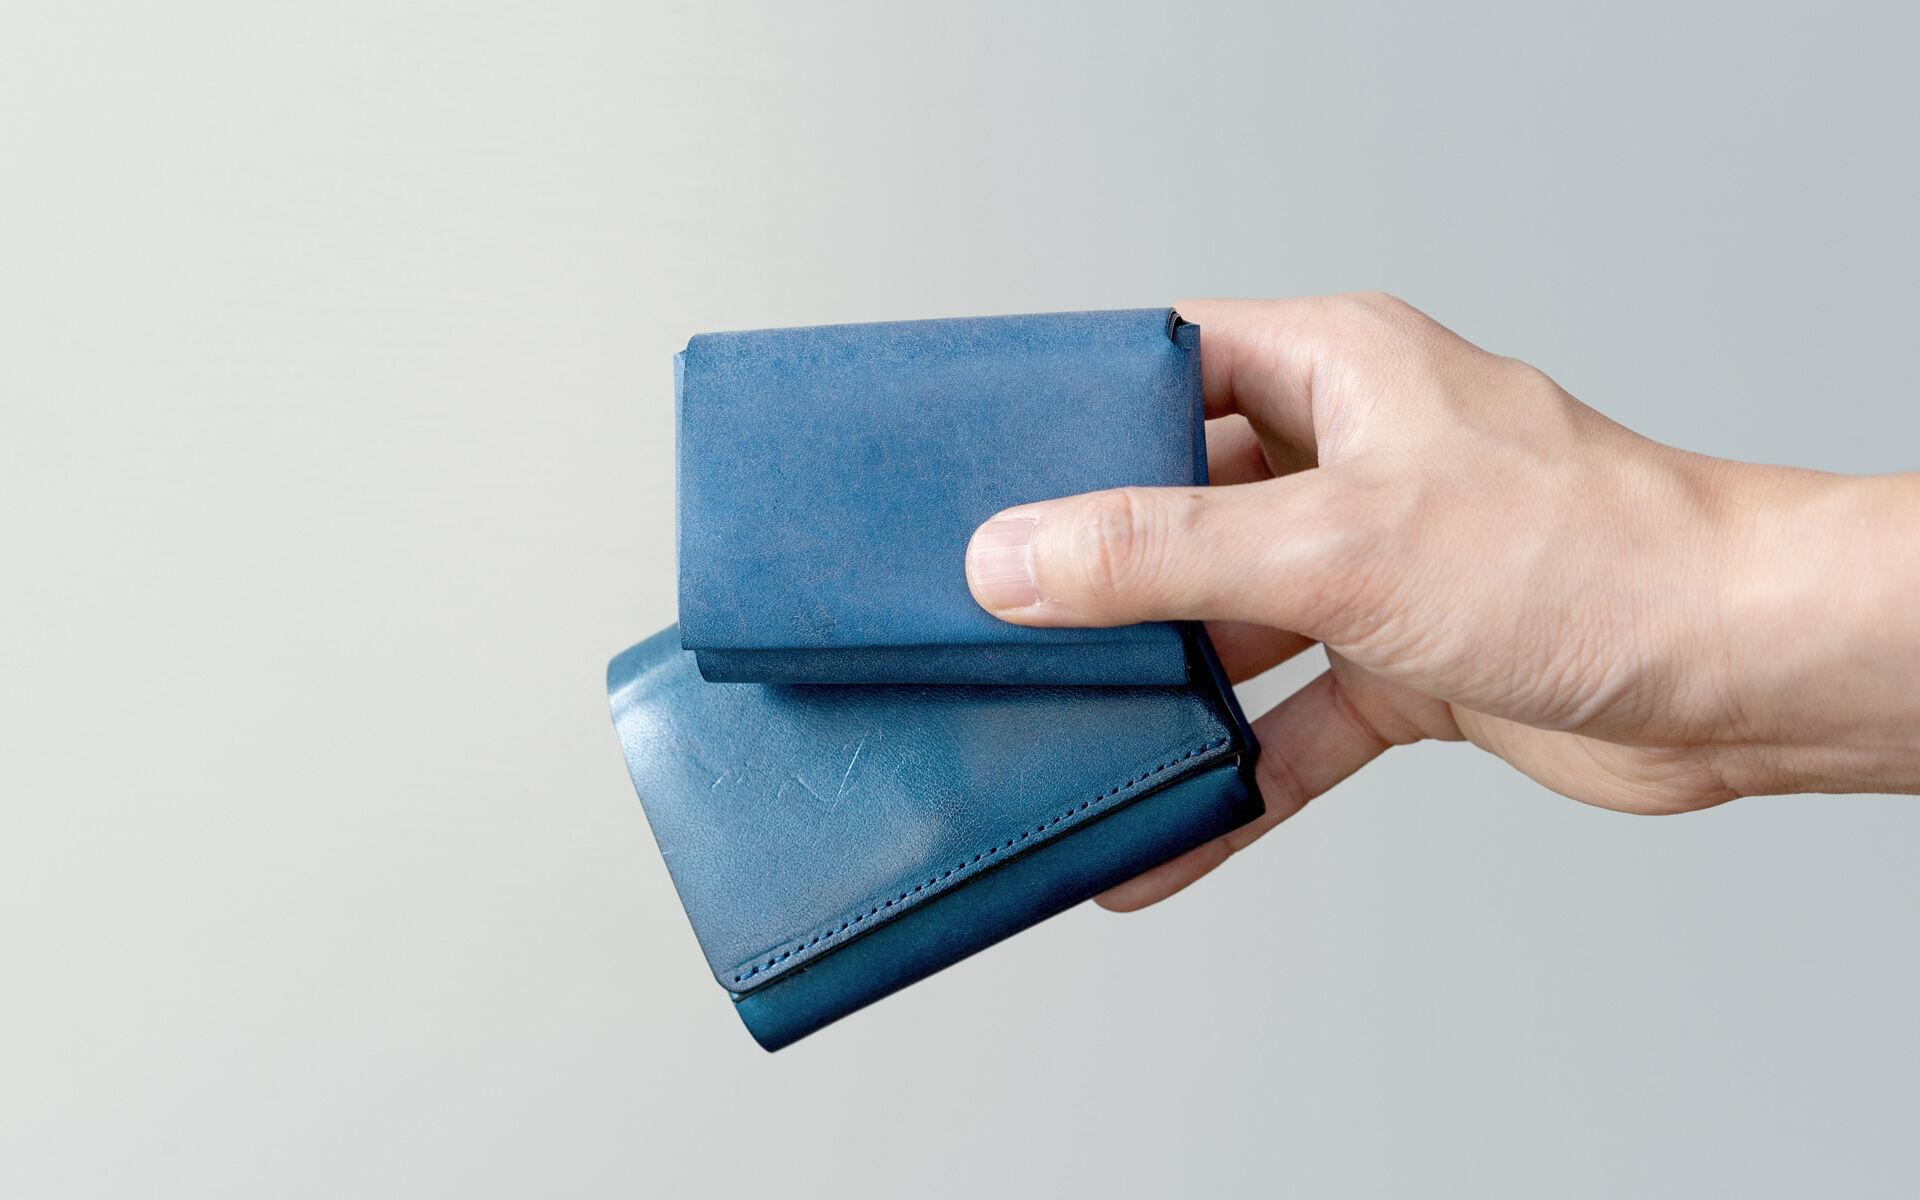 FABRIK.ファブリック,ミニマリスト,コンパクト財布,おしゃれ,ミニ財布,おしゃれな財布,おすすめ,おすすめの財布,2021年の財布